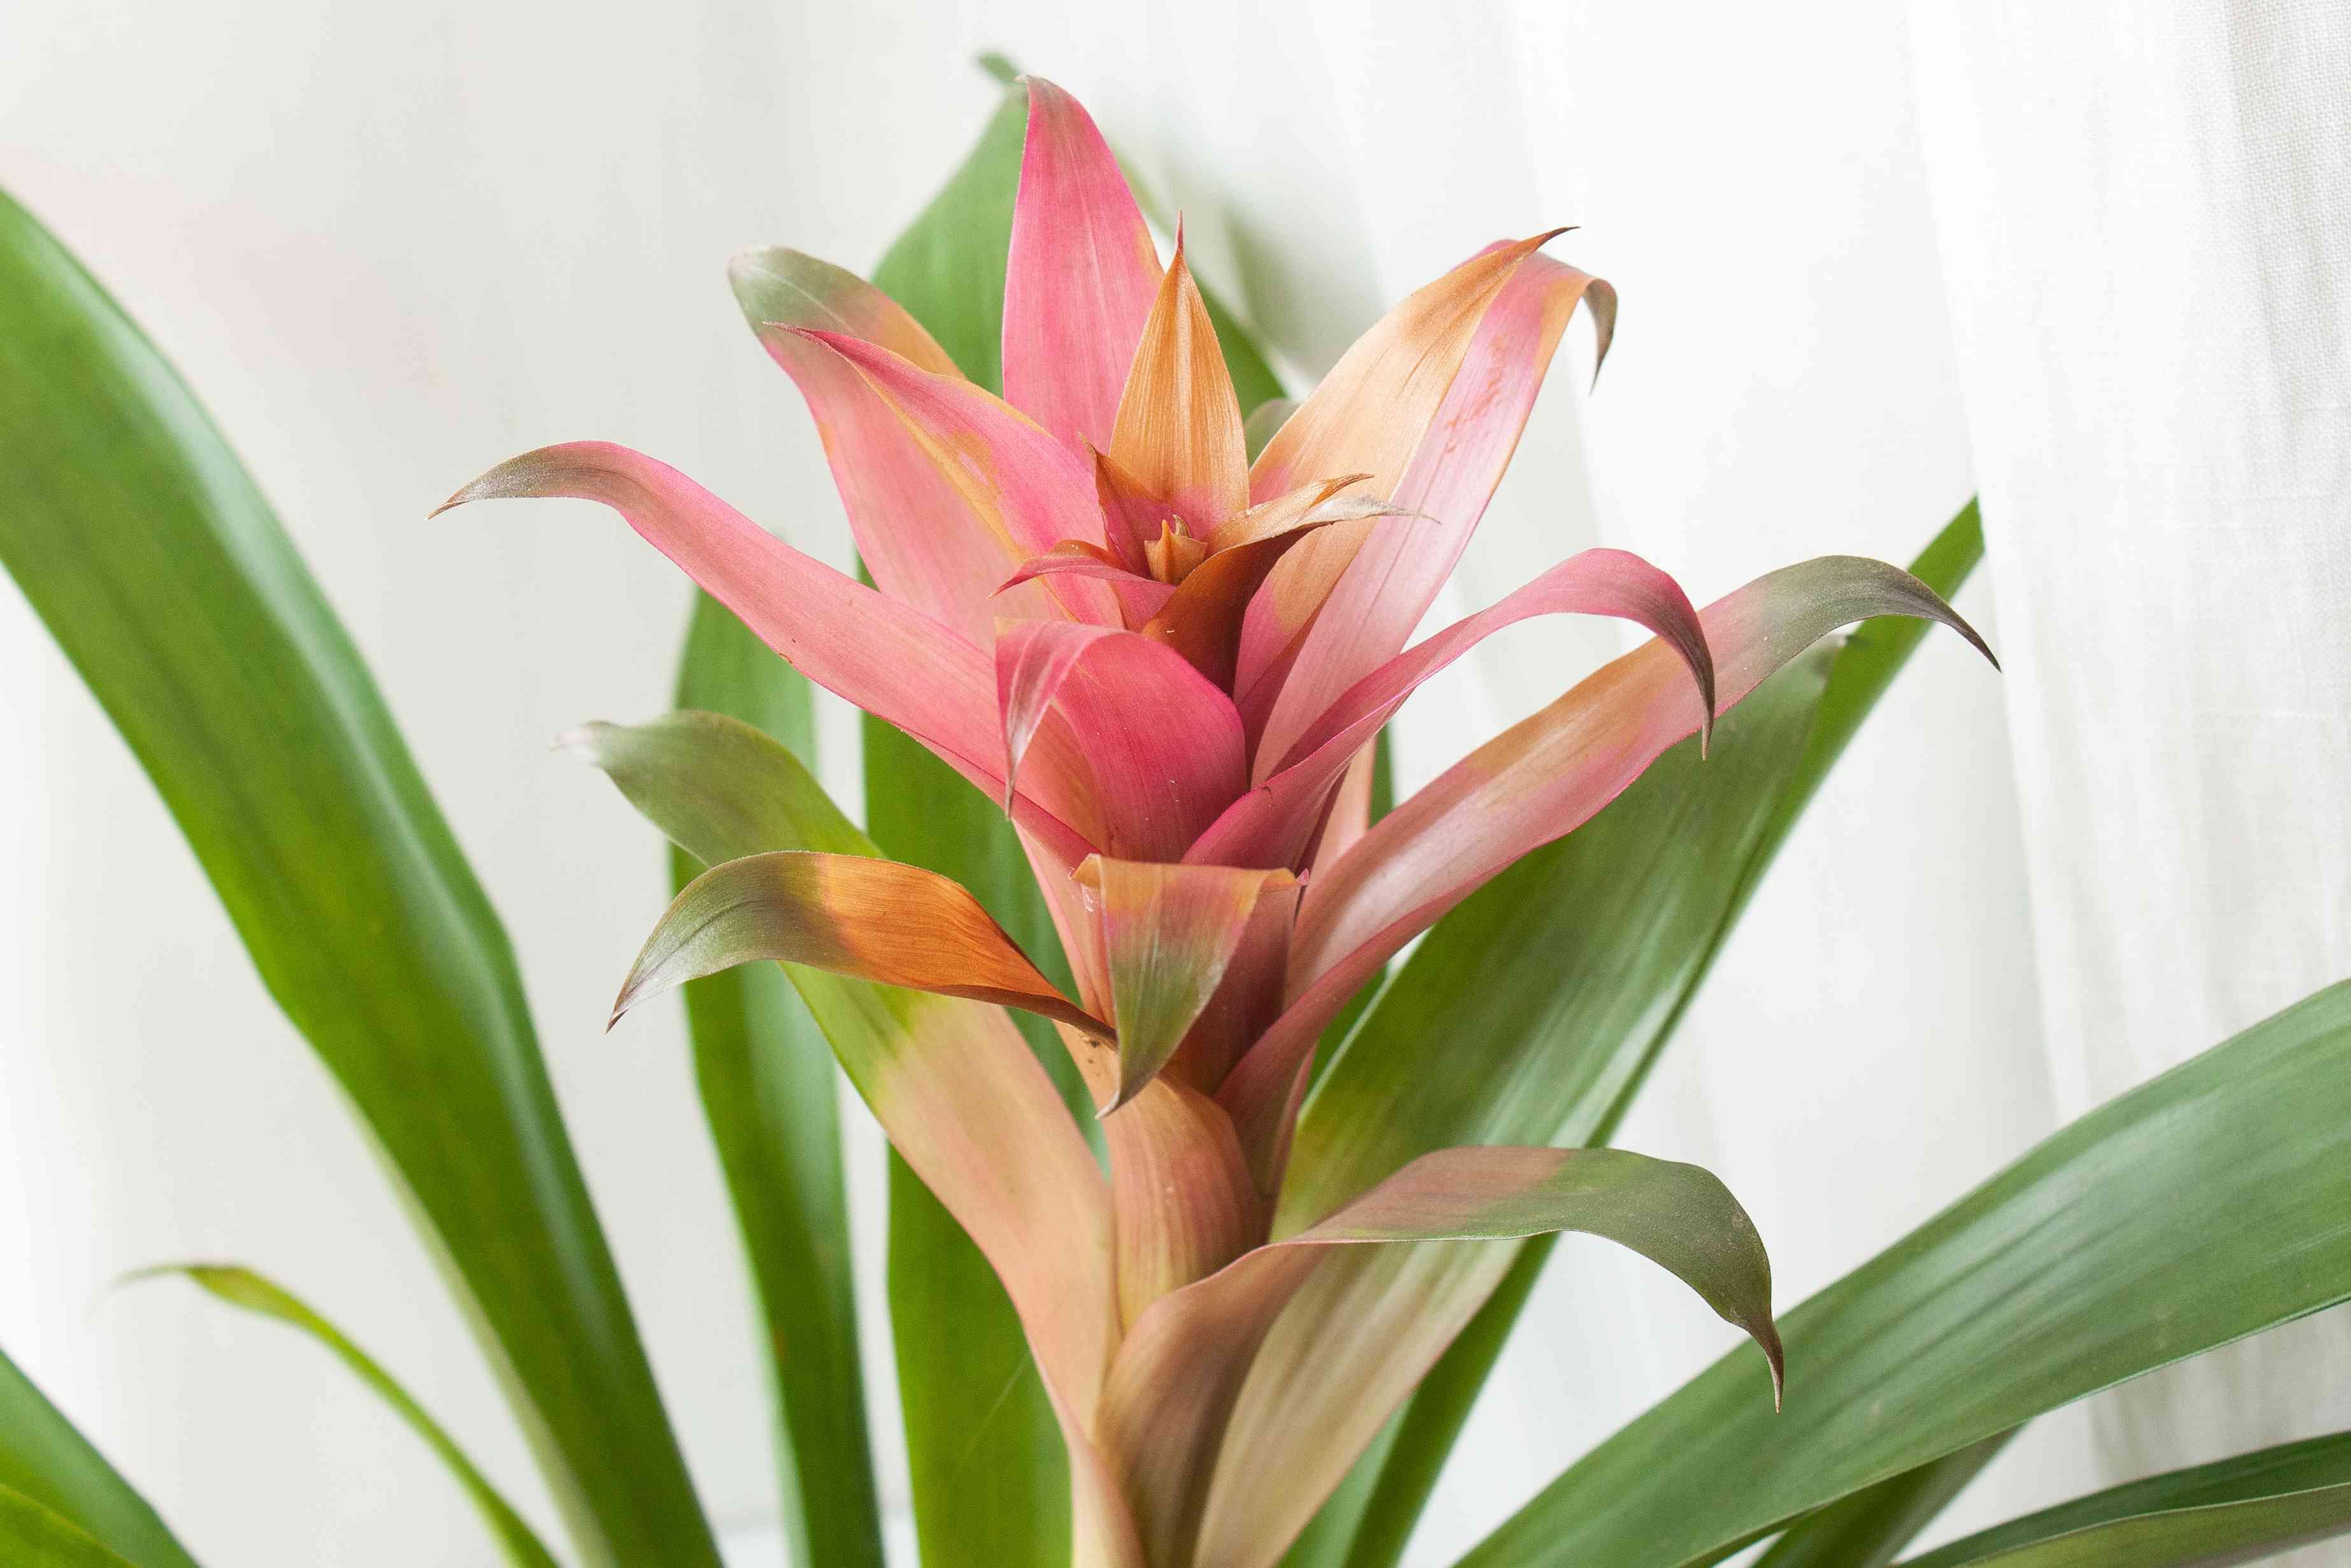 closeup of a bromeliad